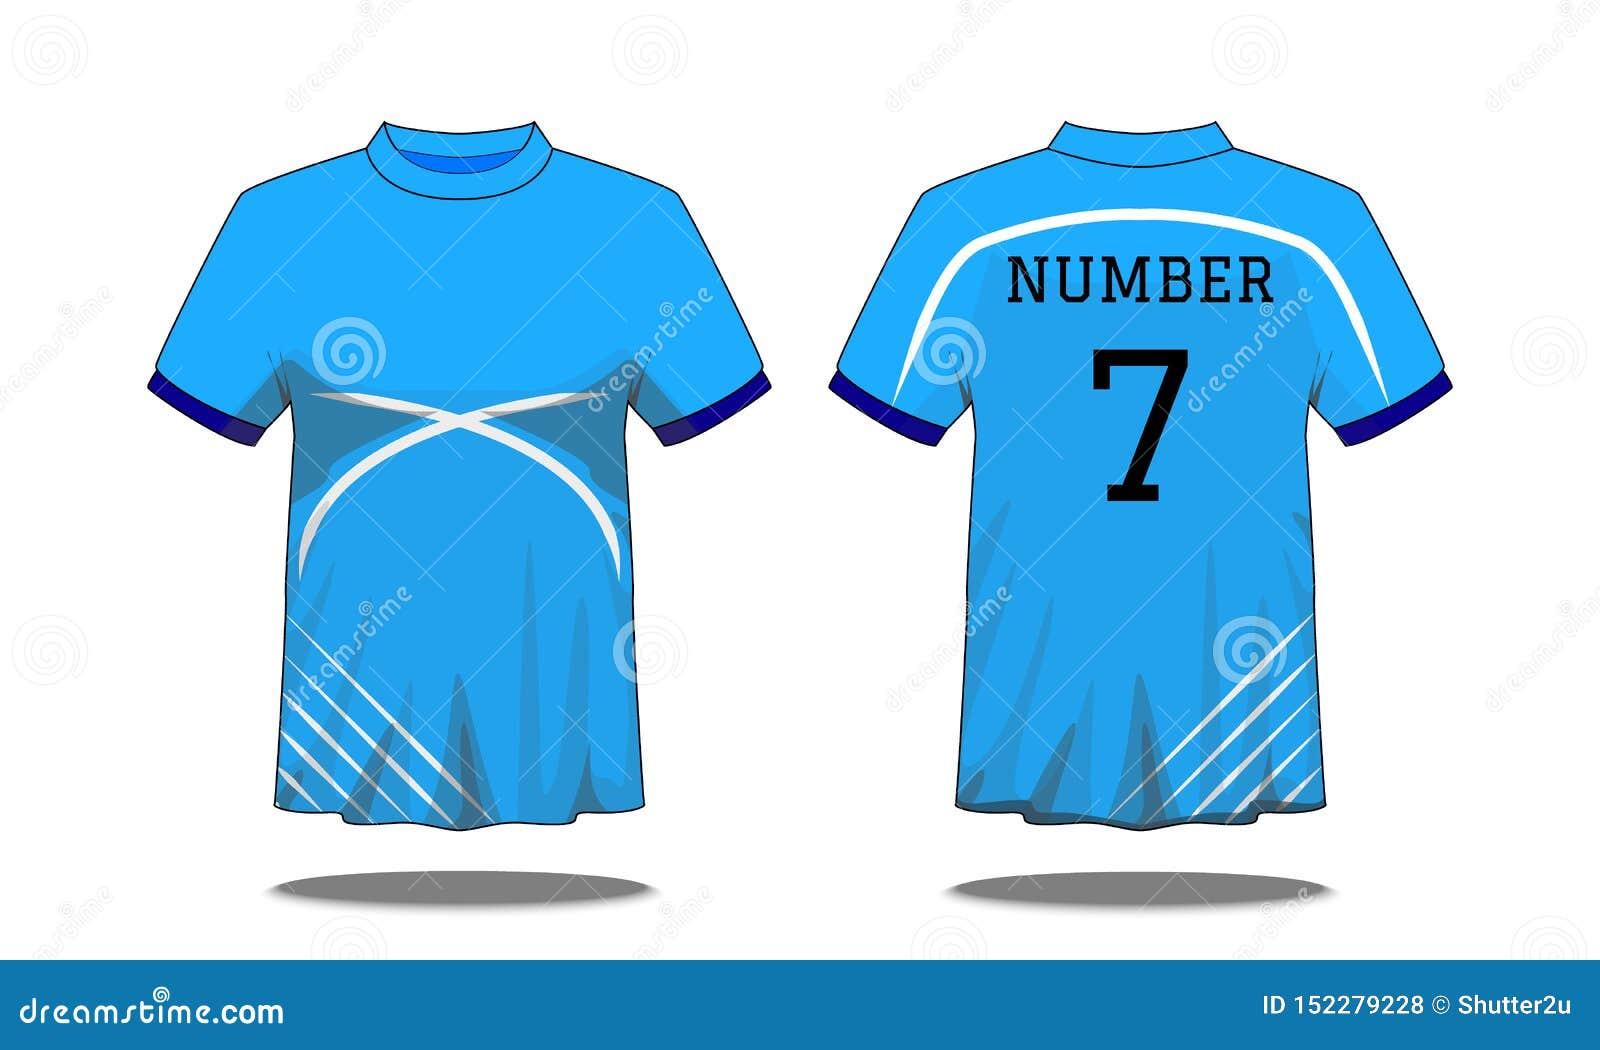 De t-shirt van sportmensen ` s met korte koker in voor en achtermeningen Blauw met witte strepen en Editable-kleurenontwerp Spot